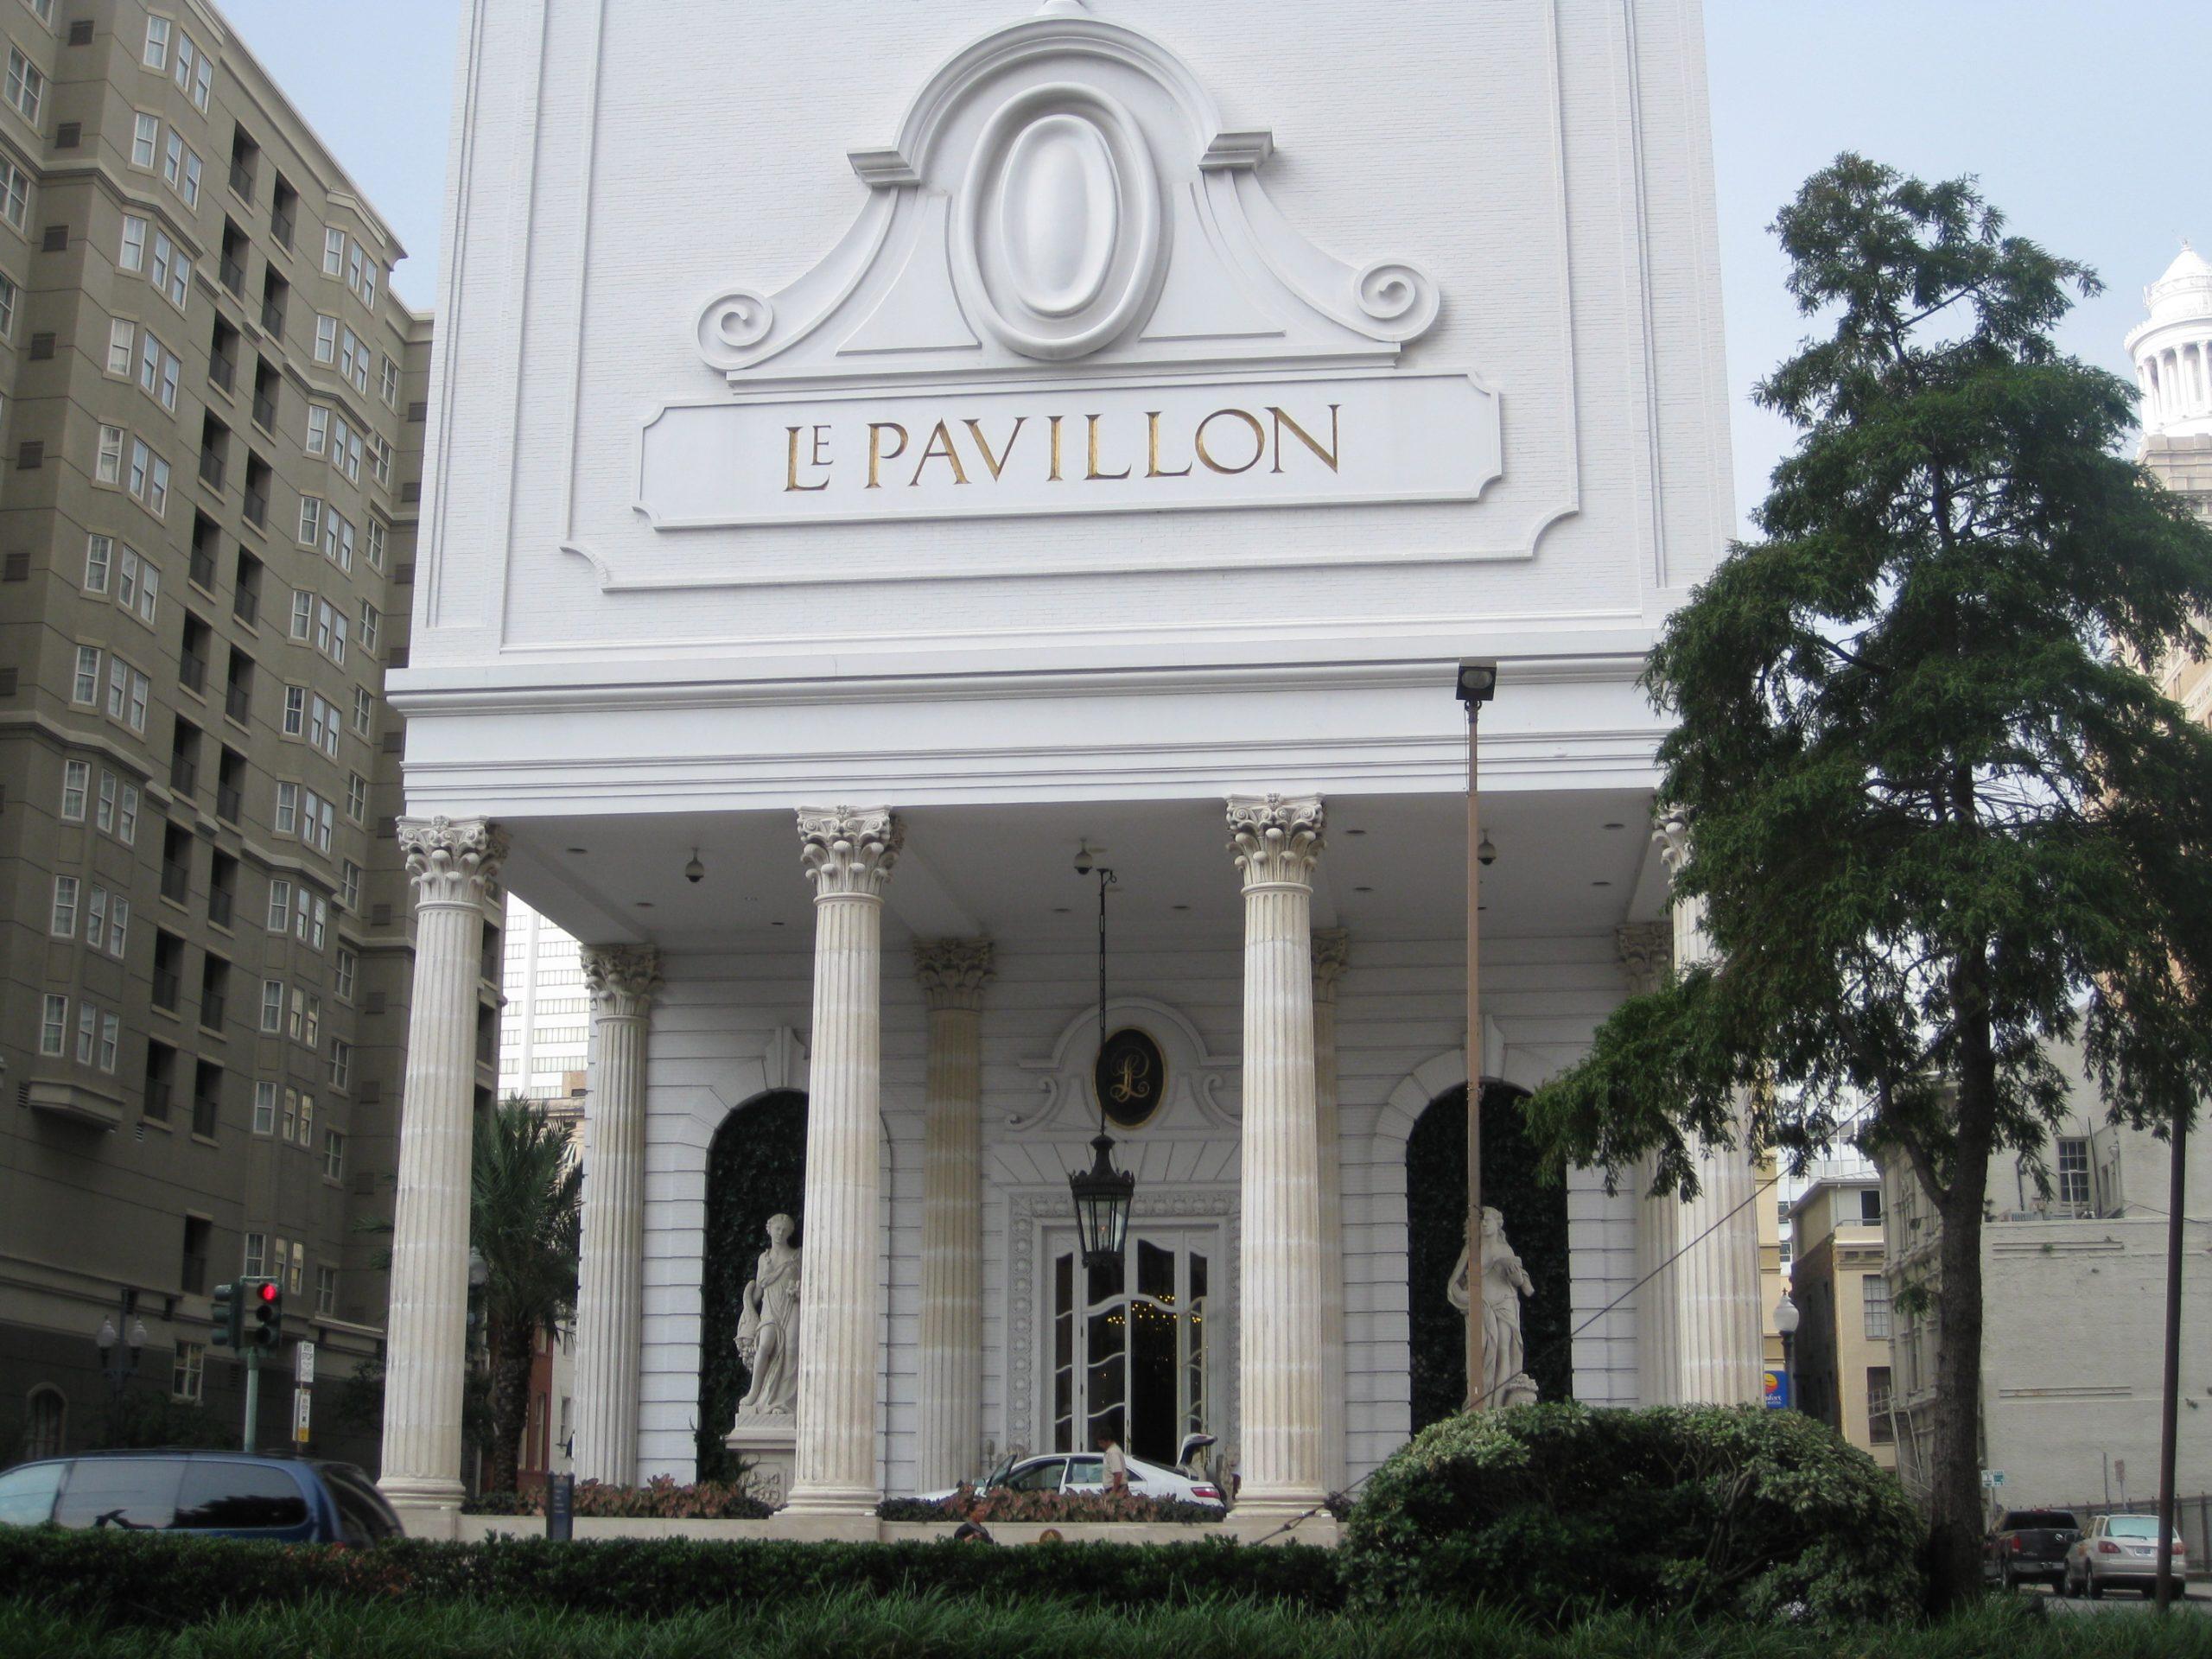 Le Pavilion - Photo